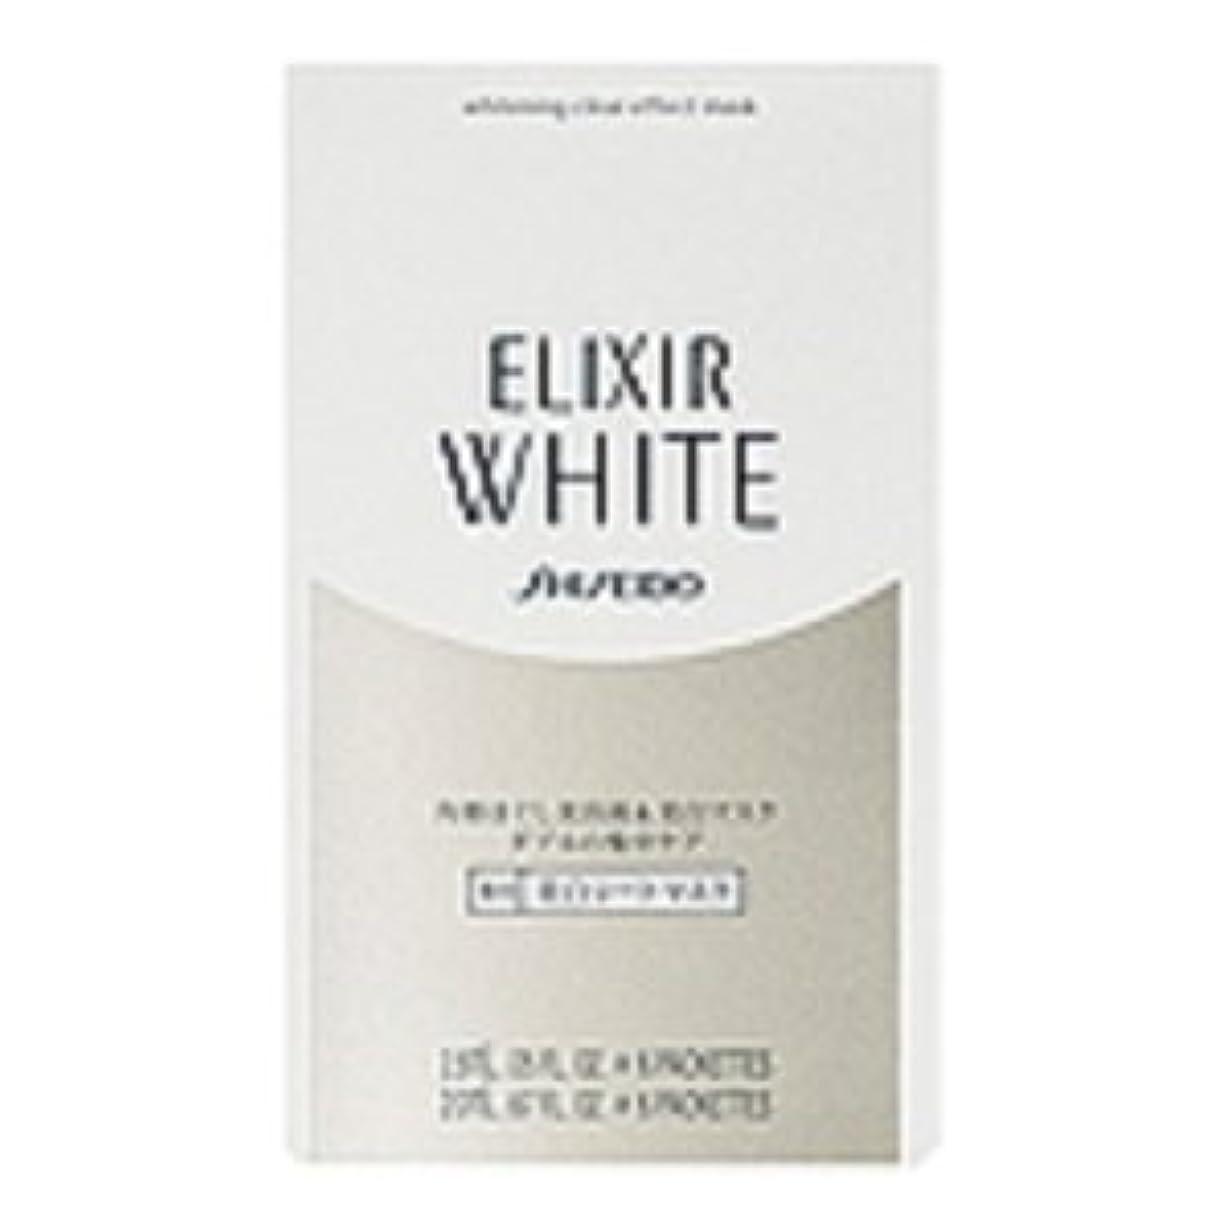 繊維有限それ資生堂 エリクシール ホワイト クリアエフェクトマスク 6セット入 アウトレット